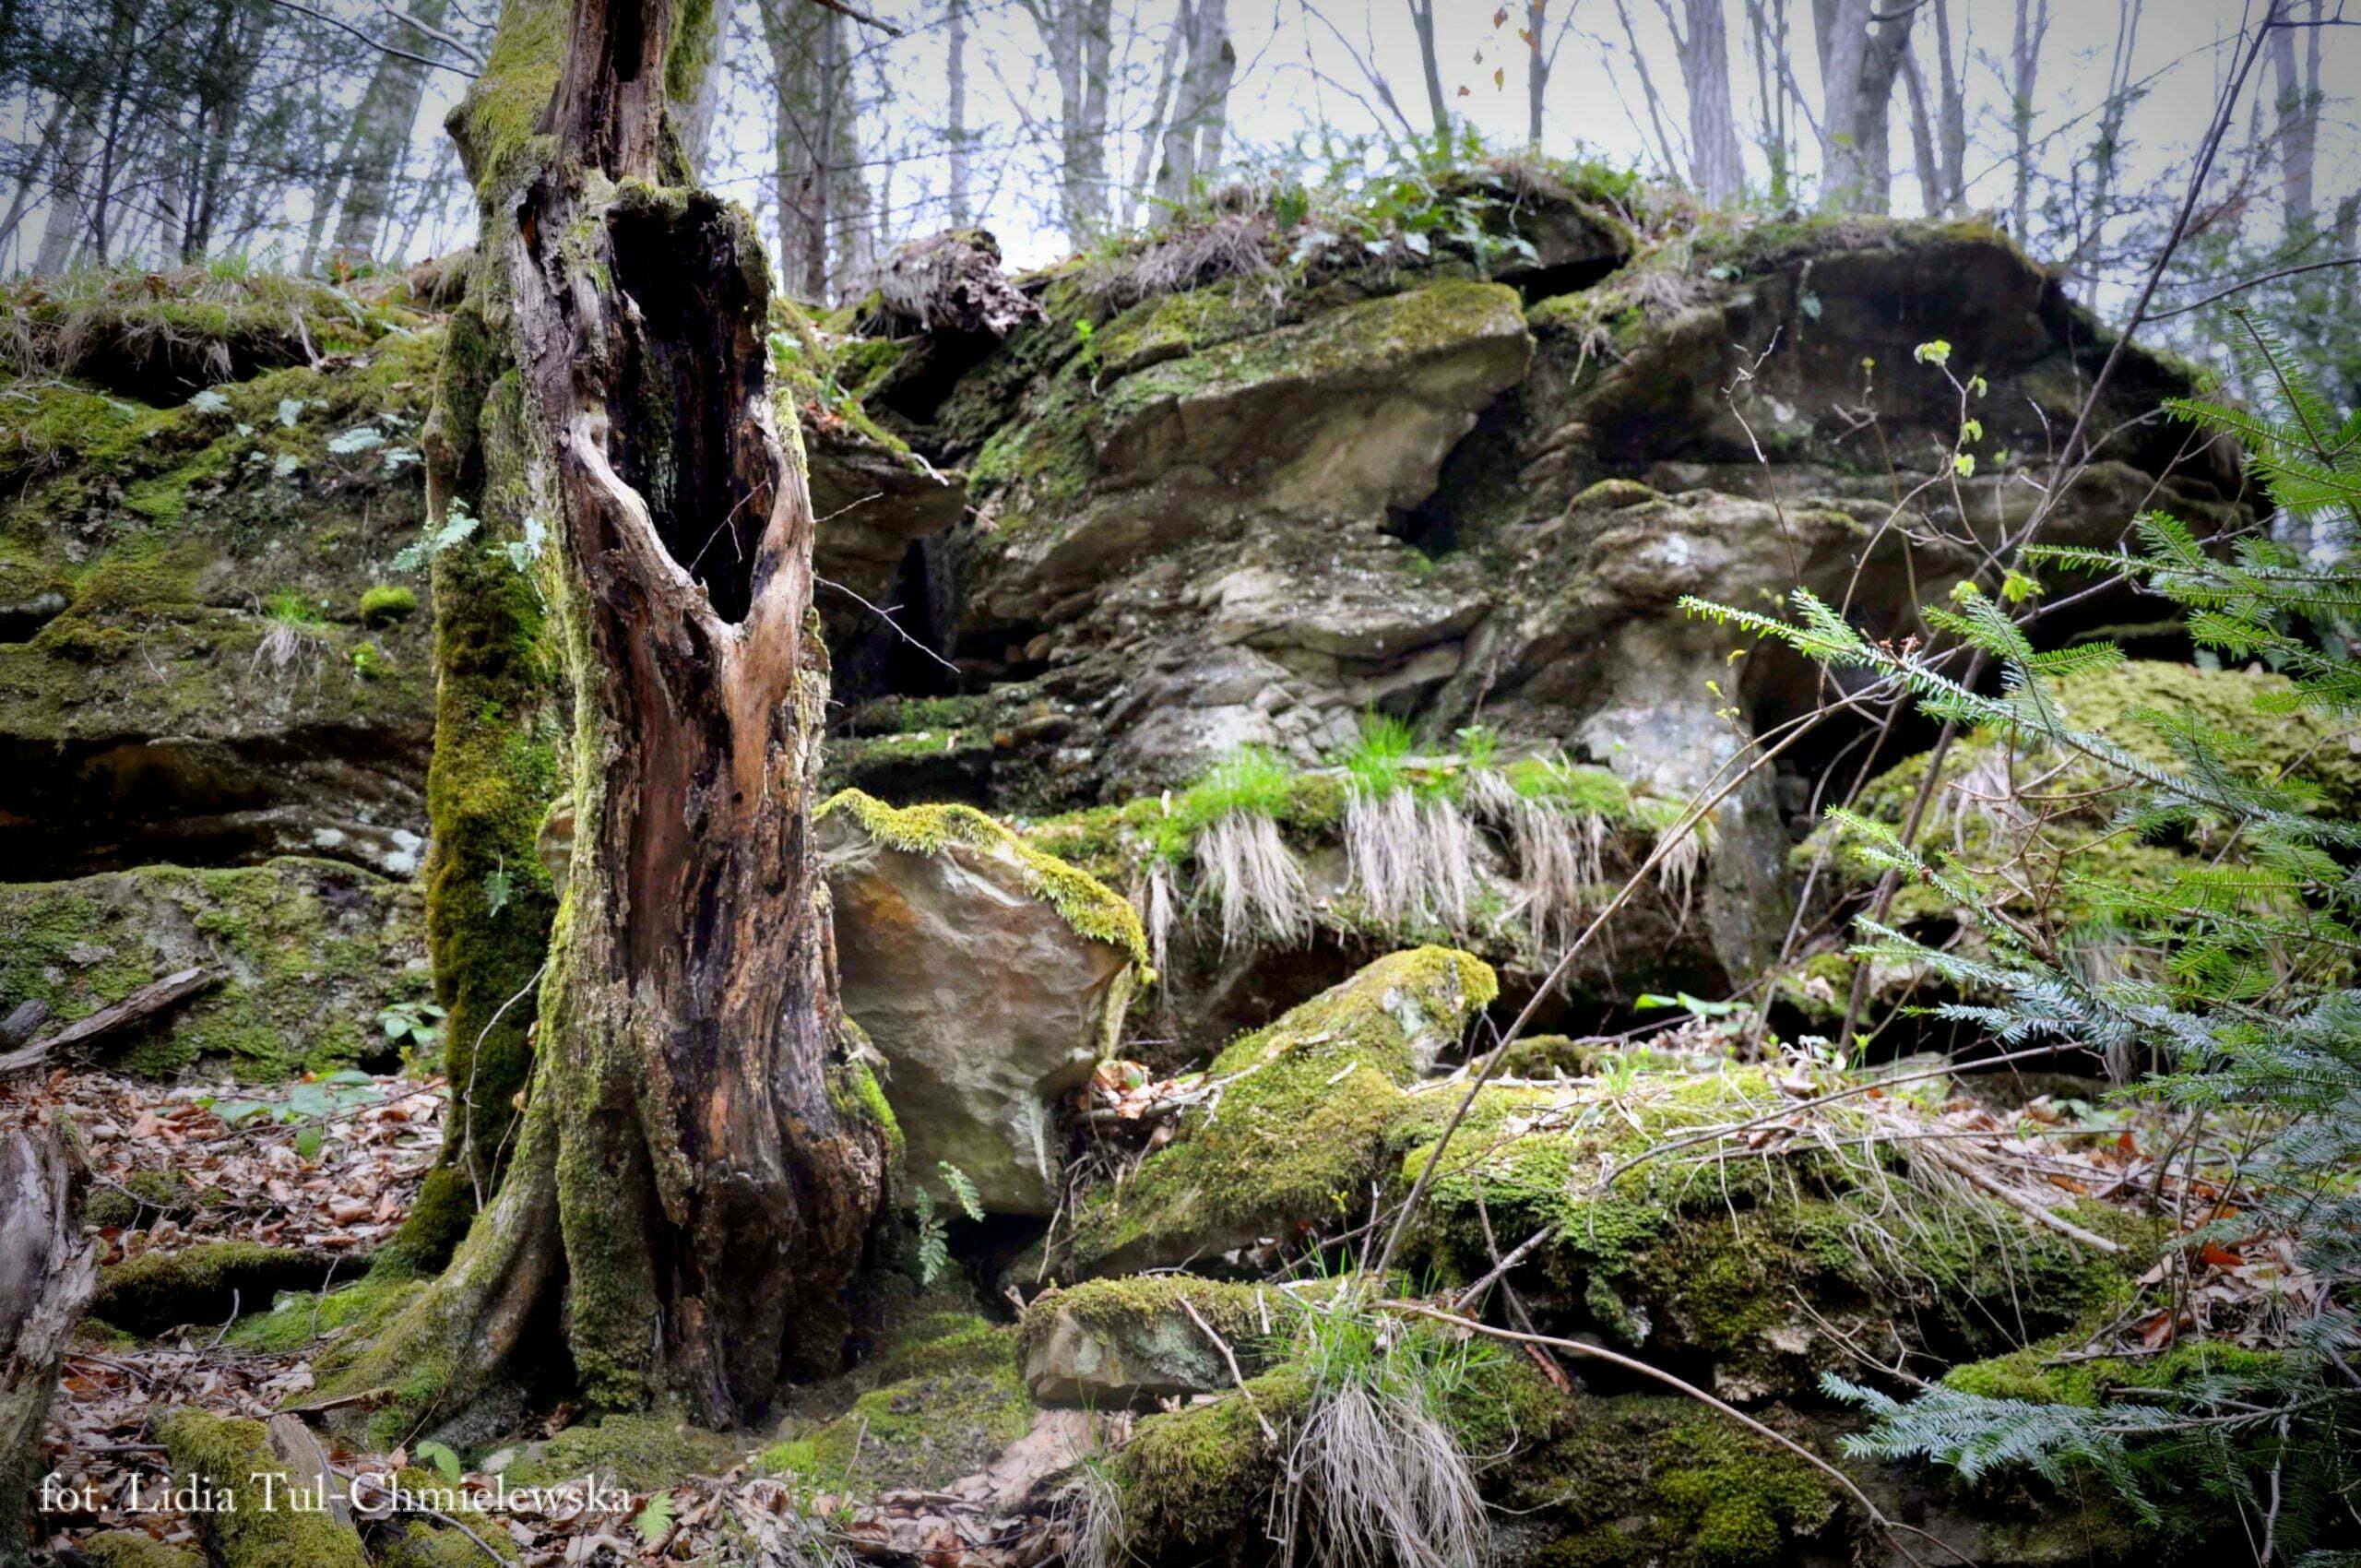 Rezerwat Sine Wiry / fot. Lidia Tul-Chmielewska